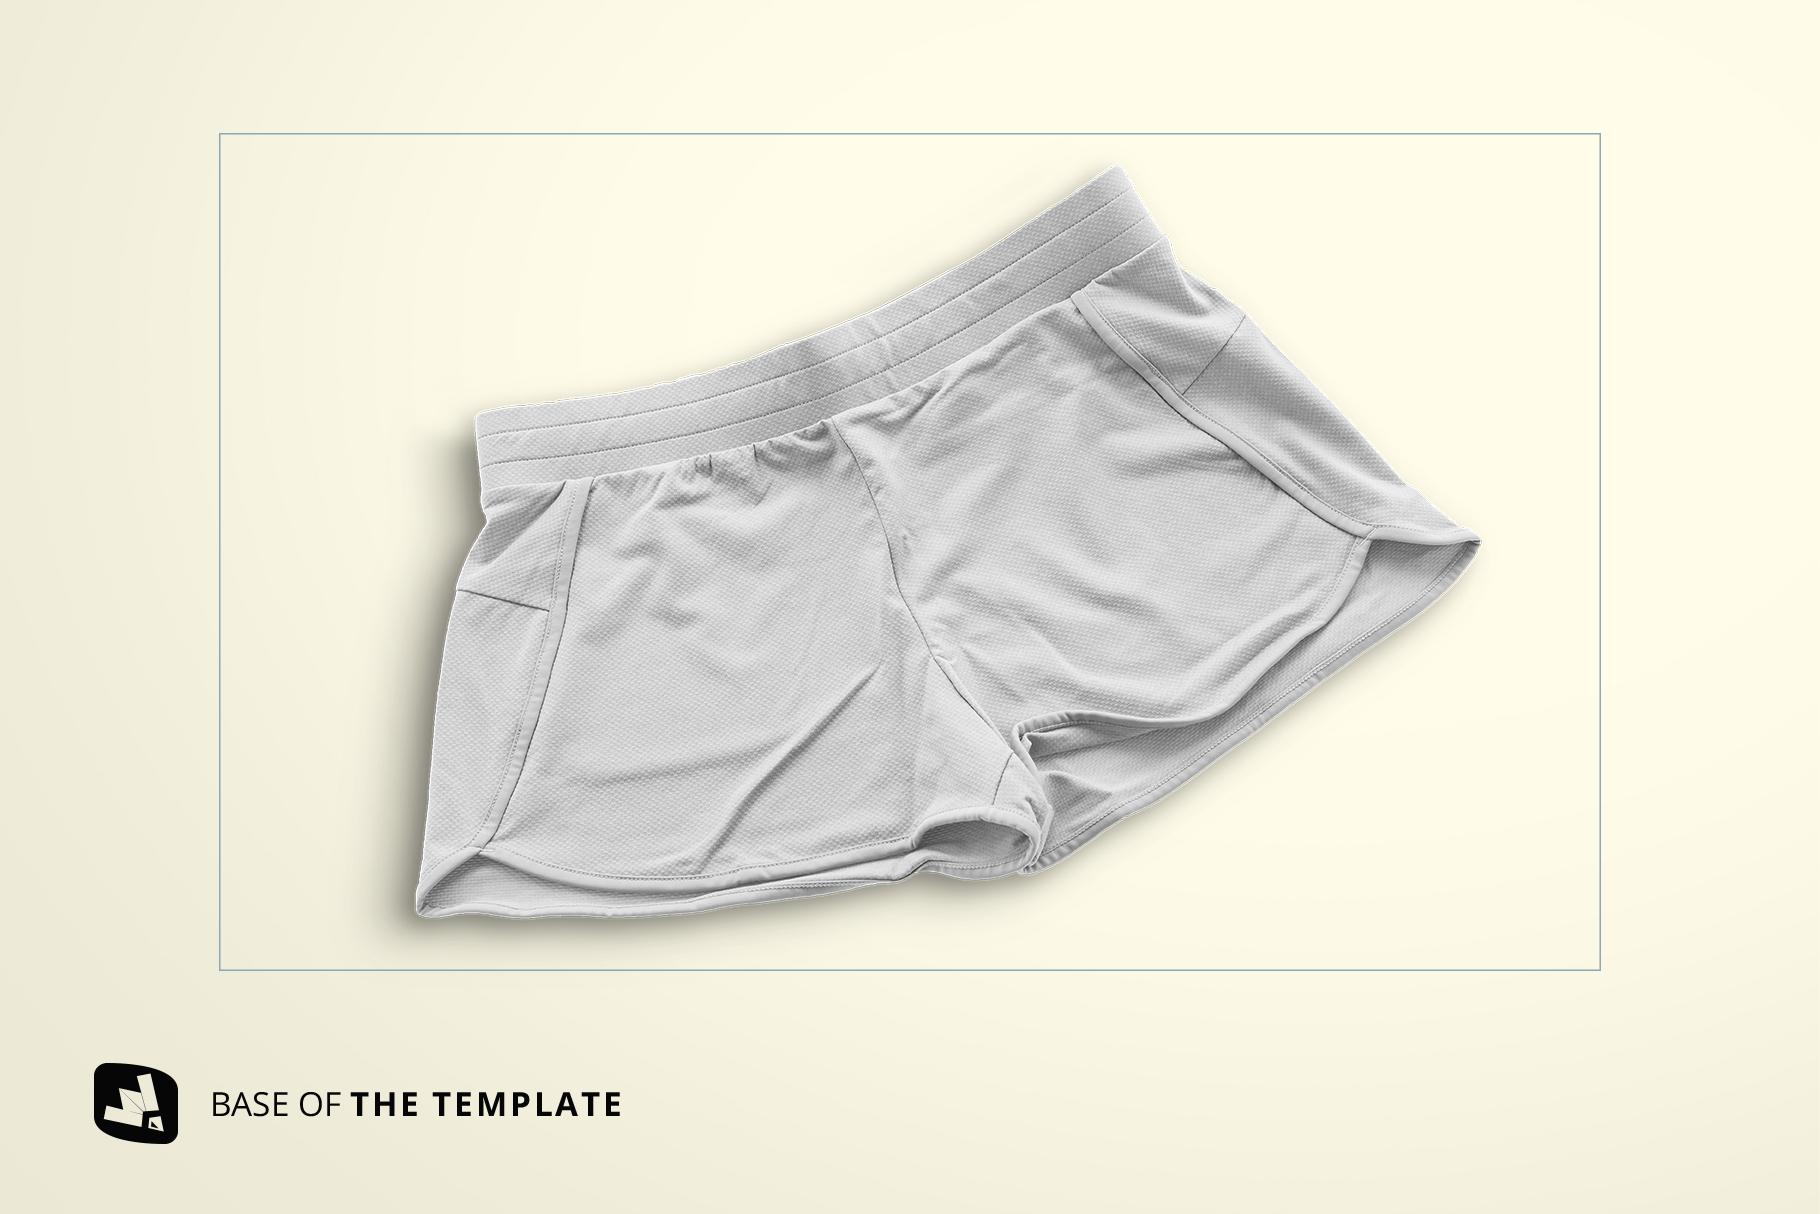 base image of the female sportswear shorts mockup